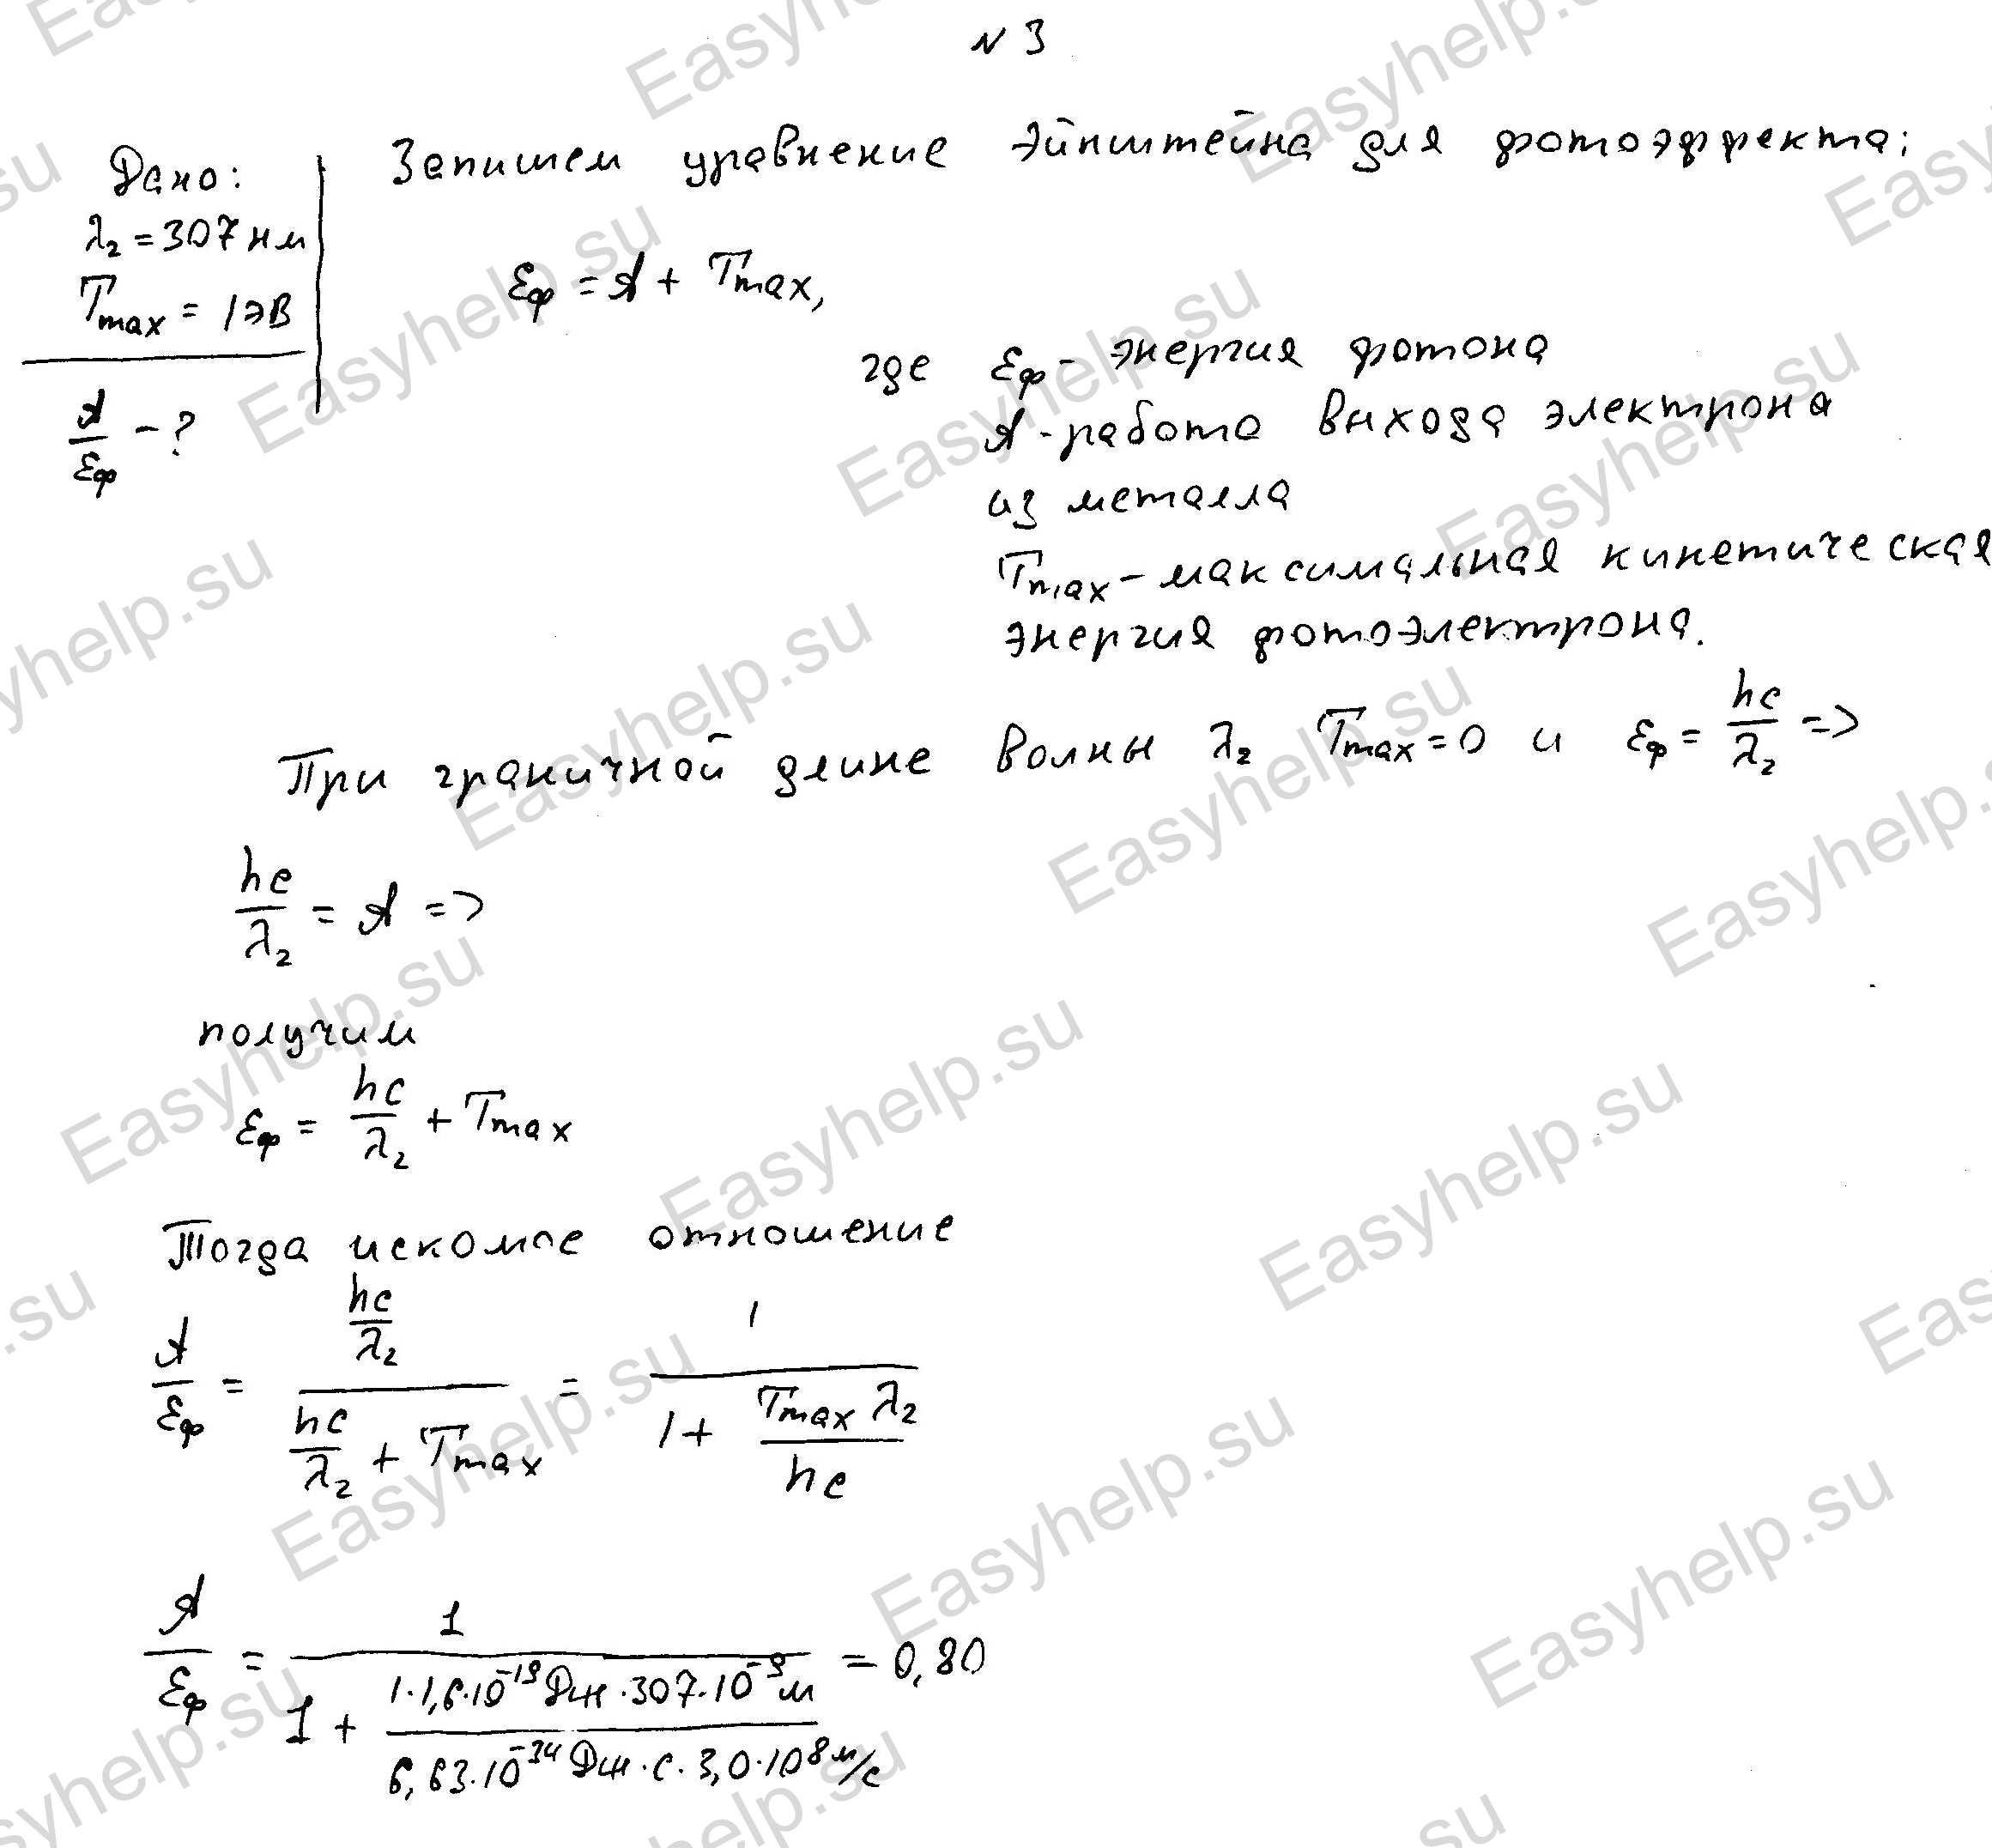 Ролики решения задач метод решения гаусса пример решения задачи